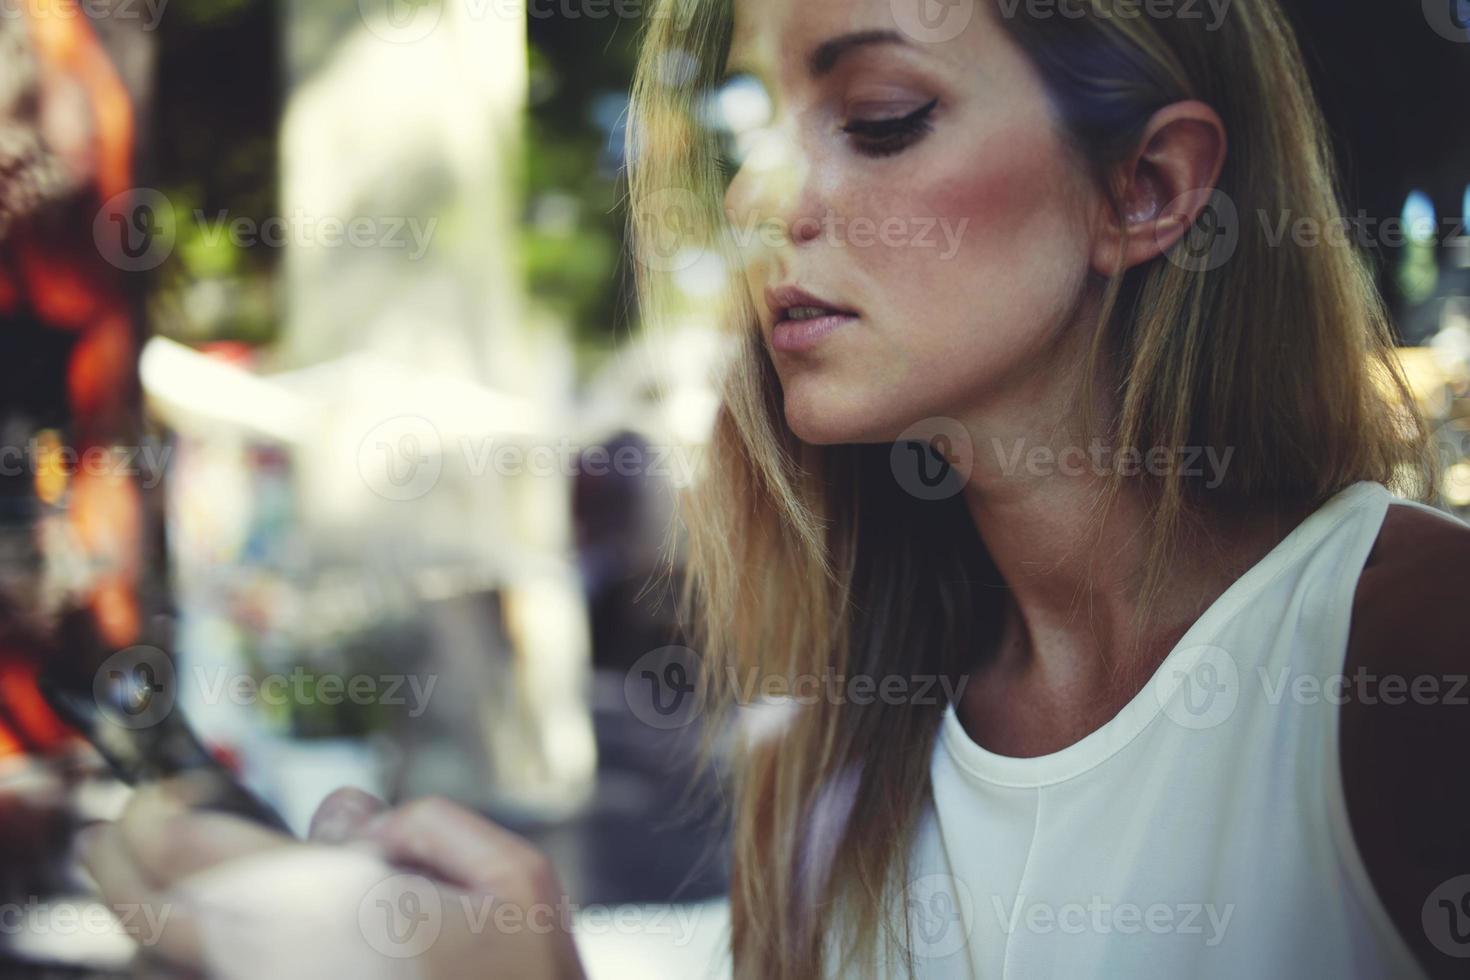 kvinna läste meddelande i mobiltelefon under vila efter promenad foto